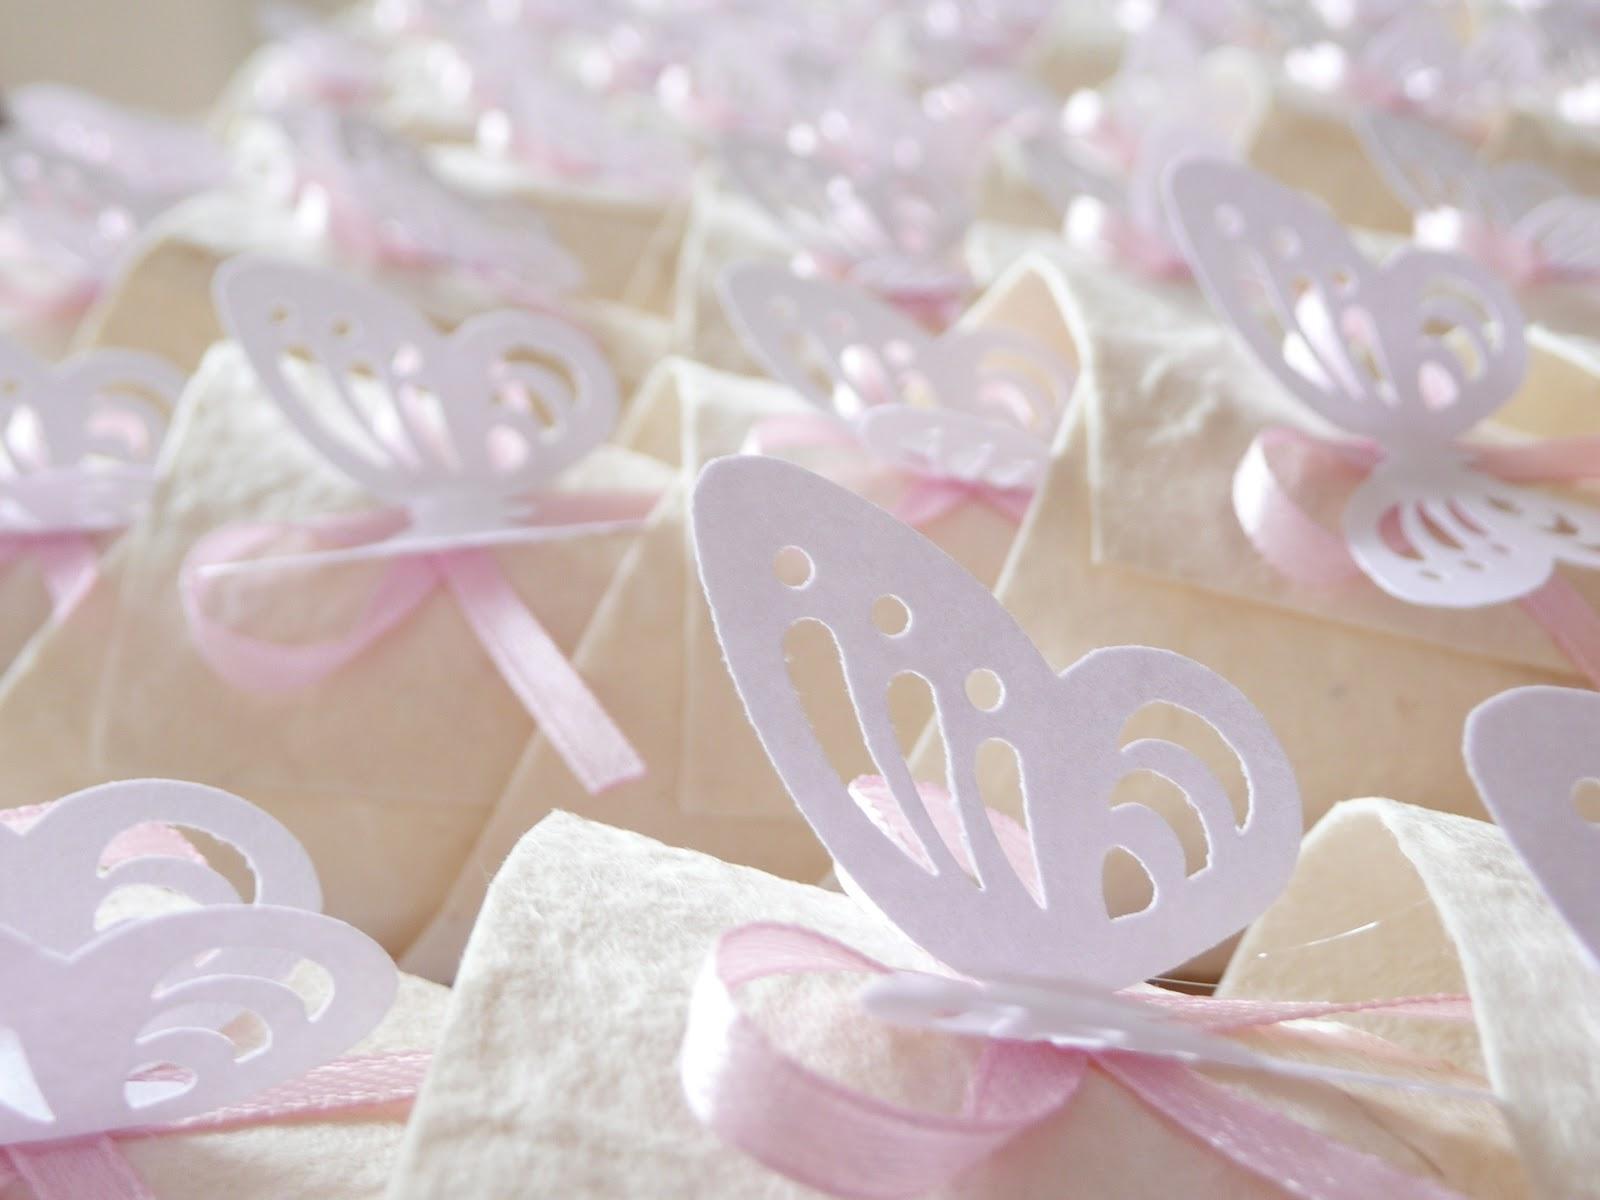 Sara crea coni porta riso o confetti color avorio e rosa - Porta riso matrimonio ...